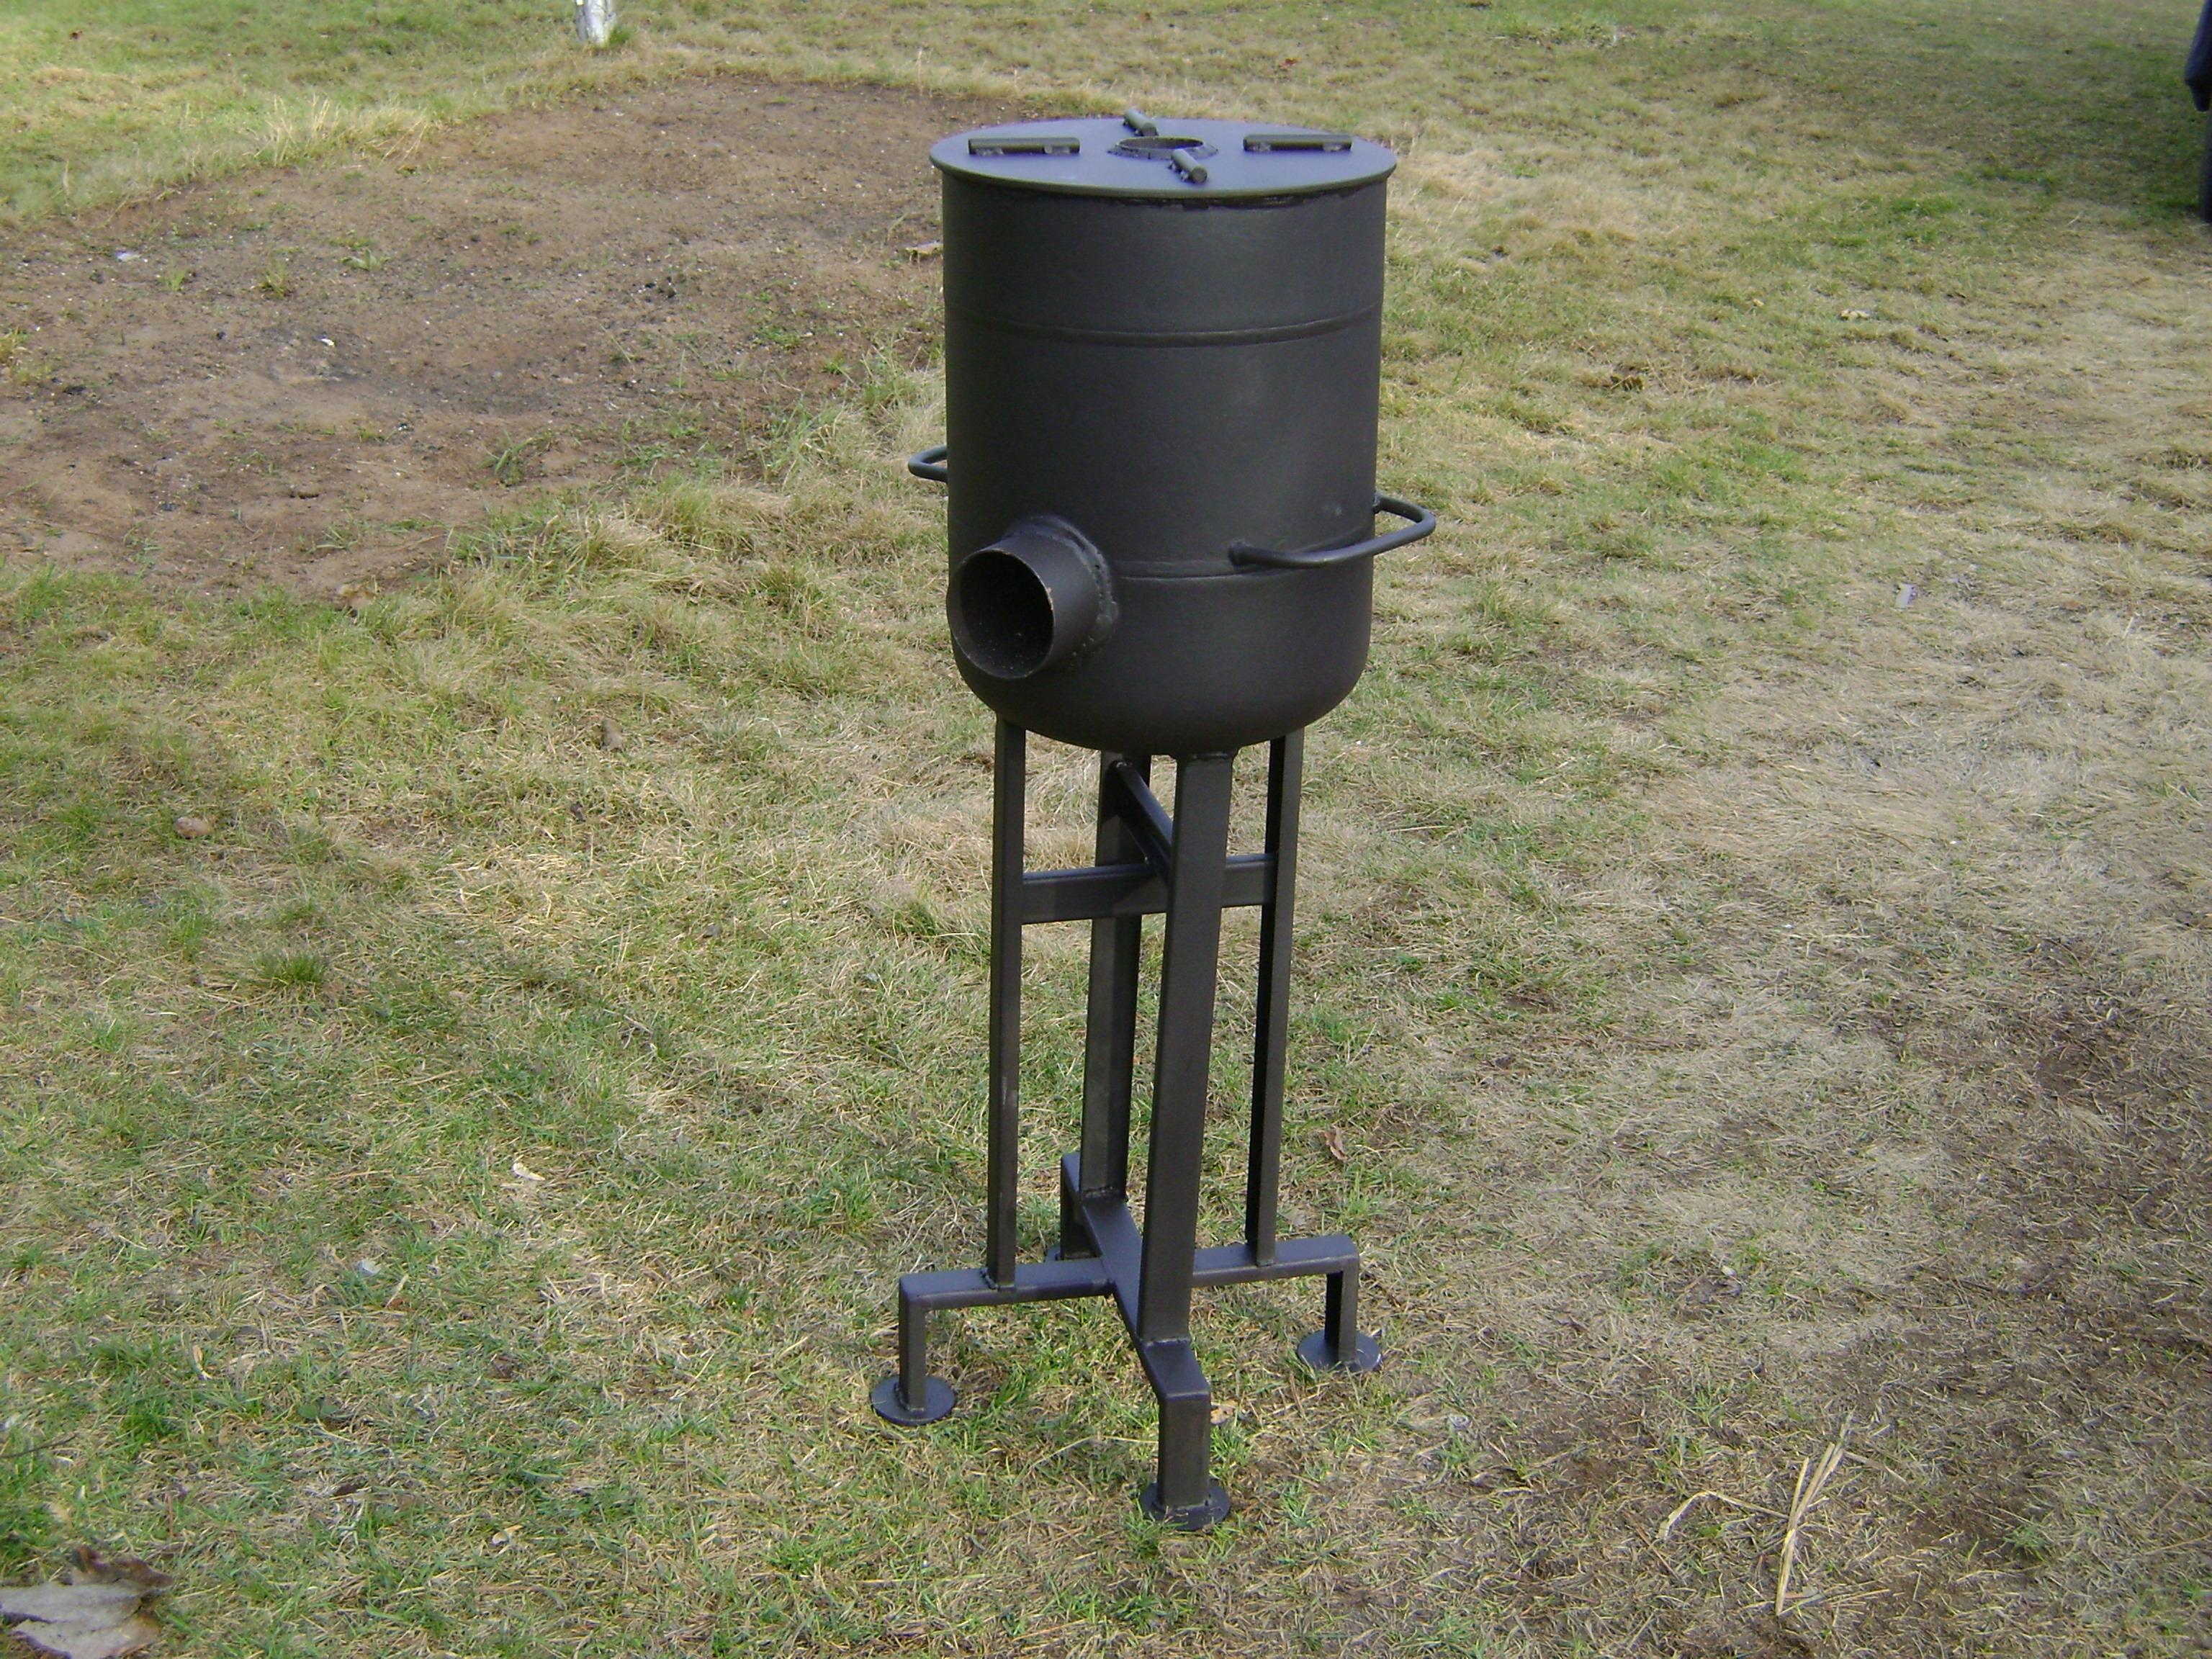 Fabricating a Heavy-Duty Rocket Stove